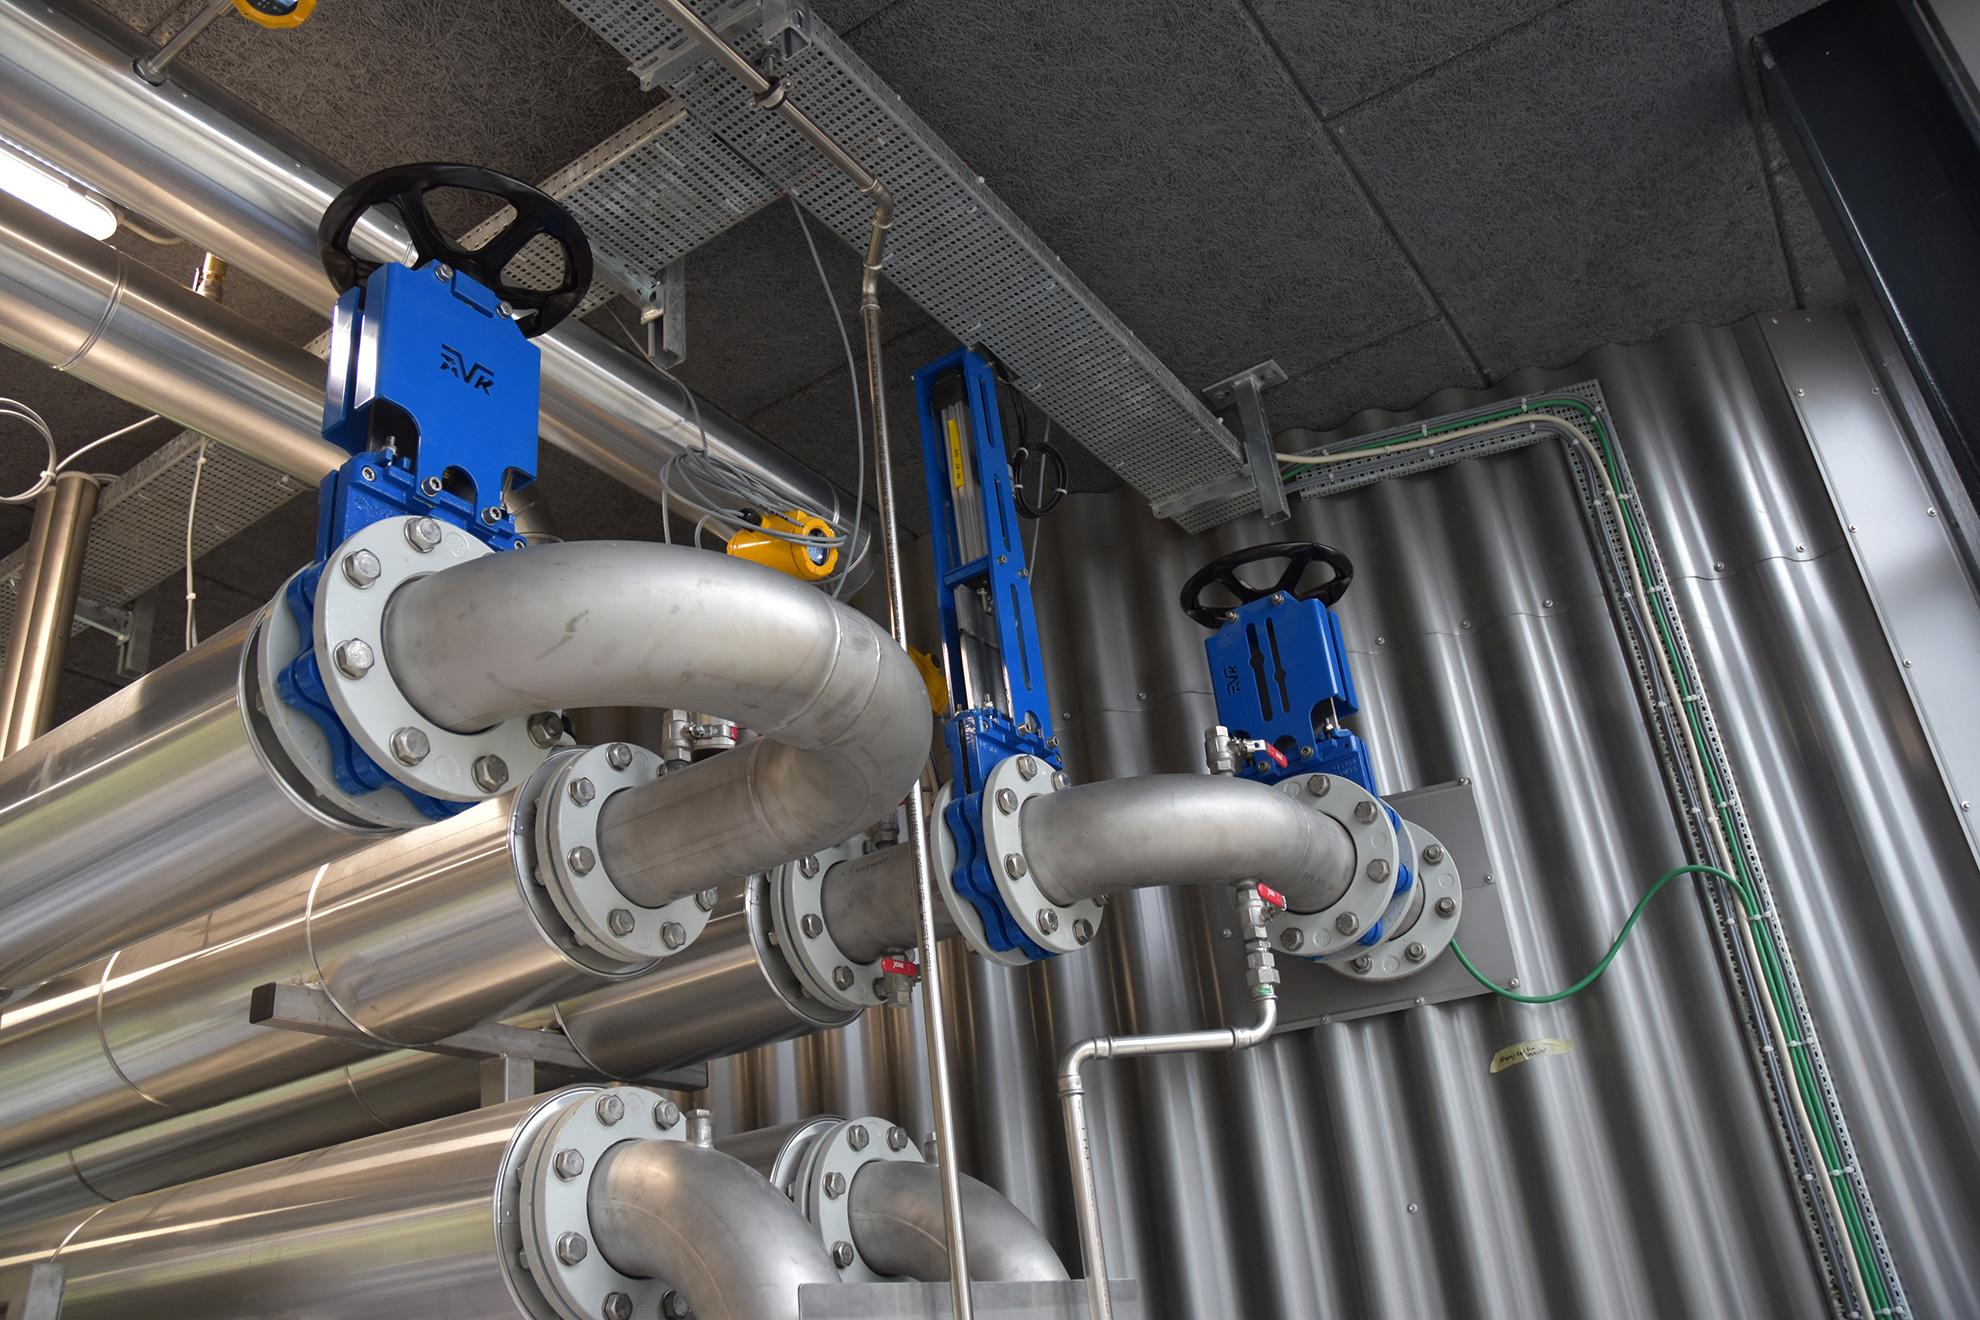 Ny-renoveret renseanlæg i Egå med banebrydende teknologier og  AVK spadeventiler